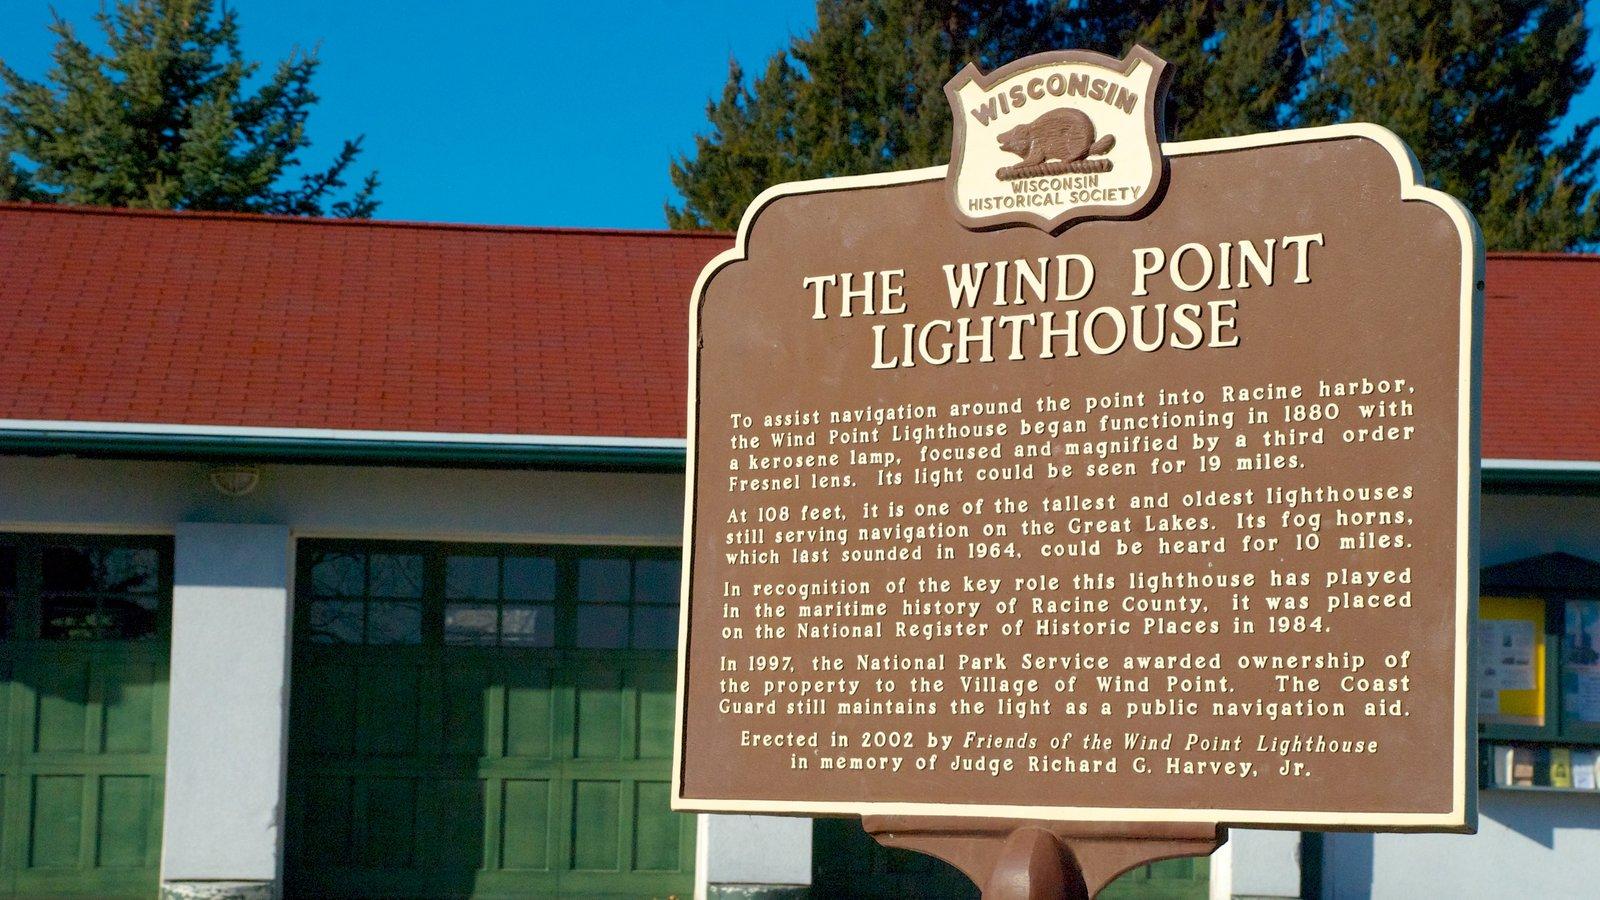 Wind Point Lighthouse que inclui arquitetura de patrimônio, sinalização e um farol